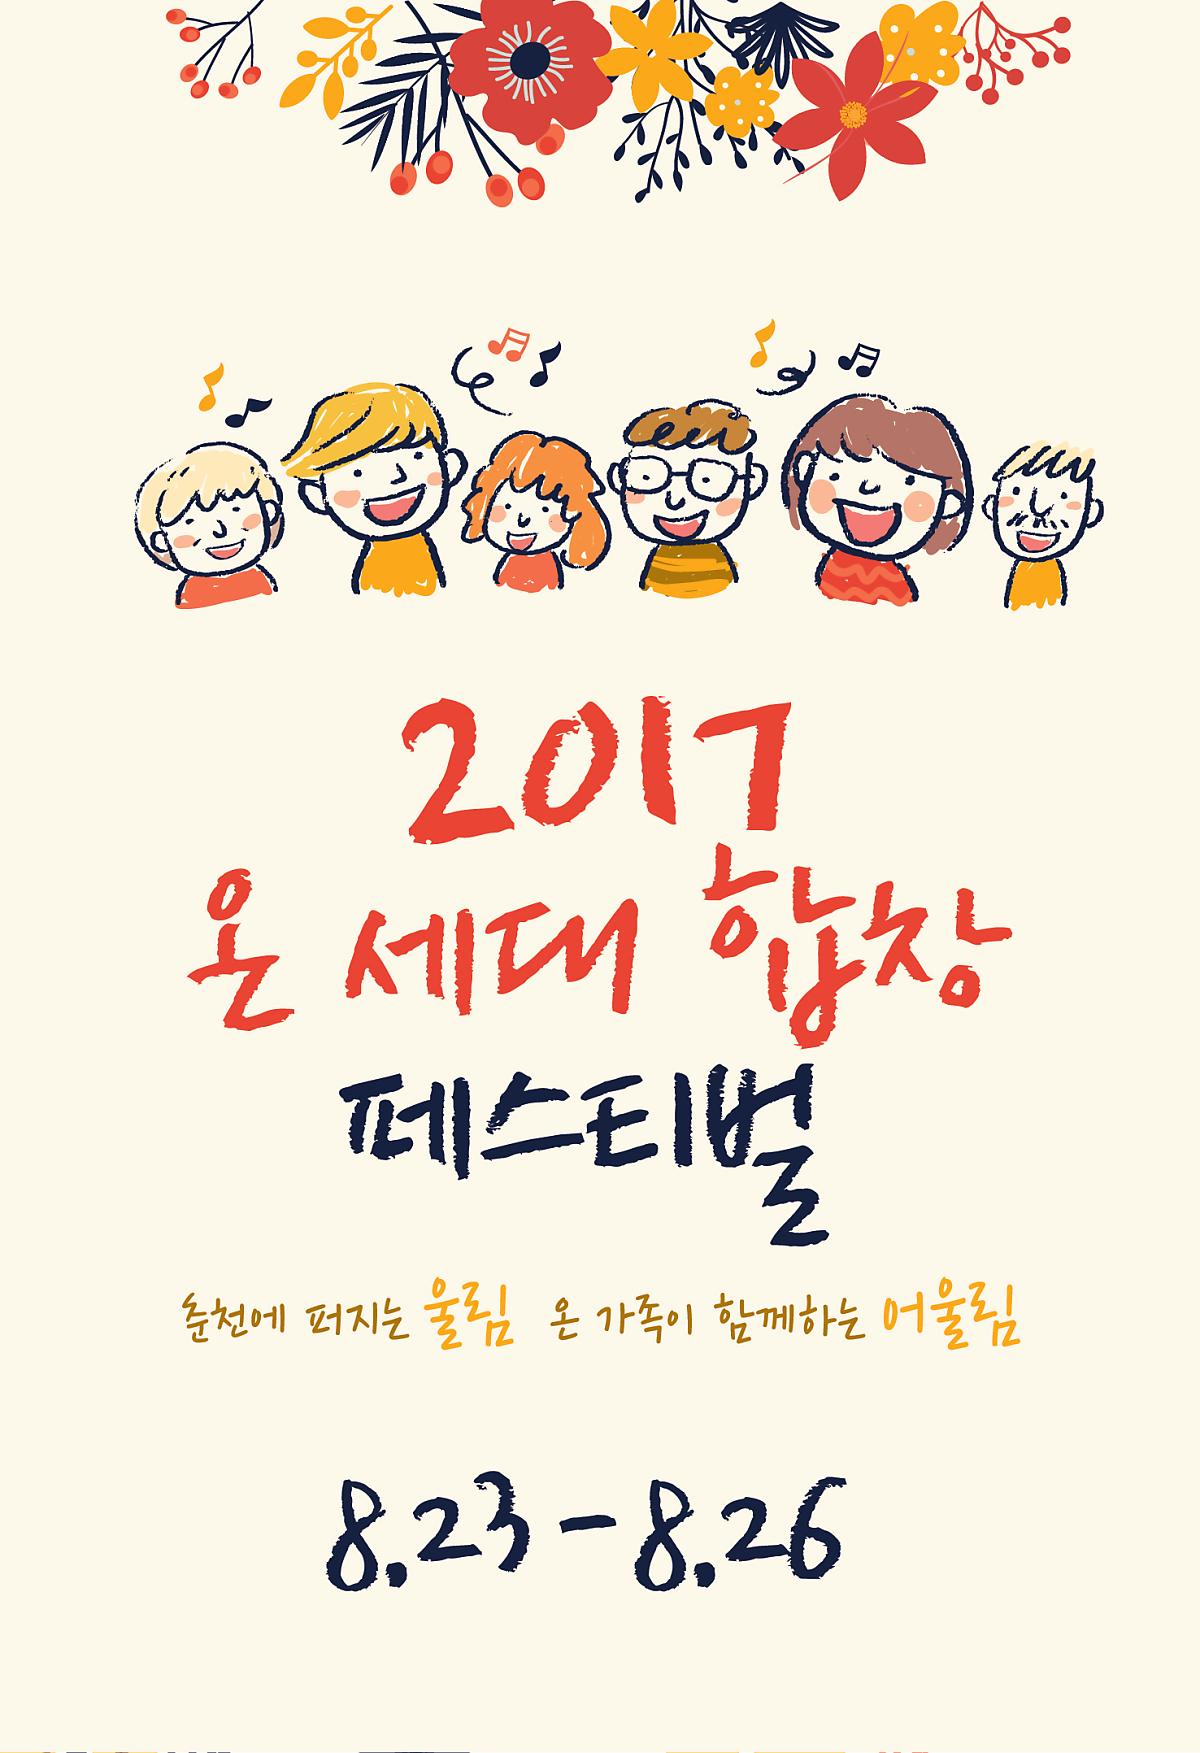 8월 23일부터 26일까지 춘천 KT&G 상상마당 야외극장에서 진행되는 온세대 합창 페스티벌! 무더운 여름밤을 아름답게 수놓아 줄  합창단의 음악소리.